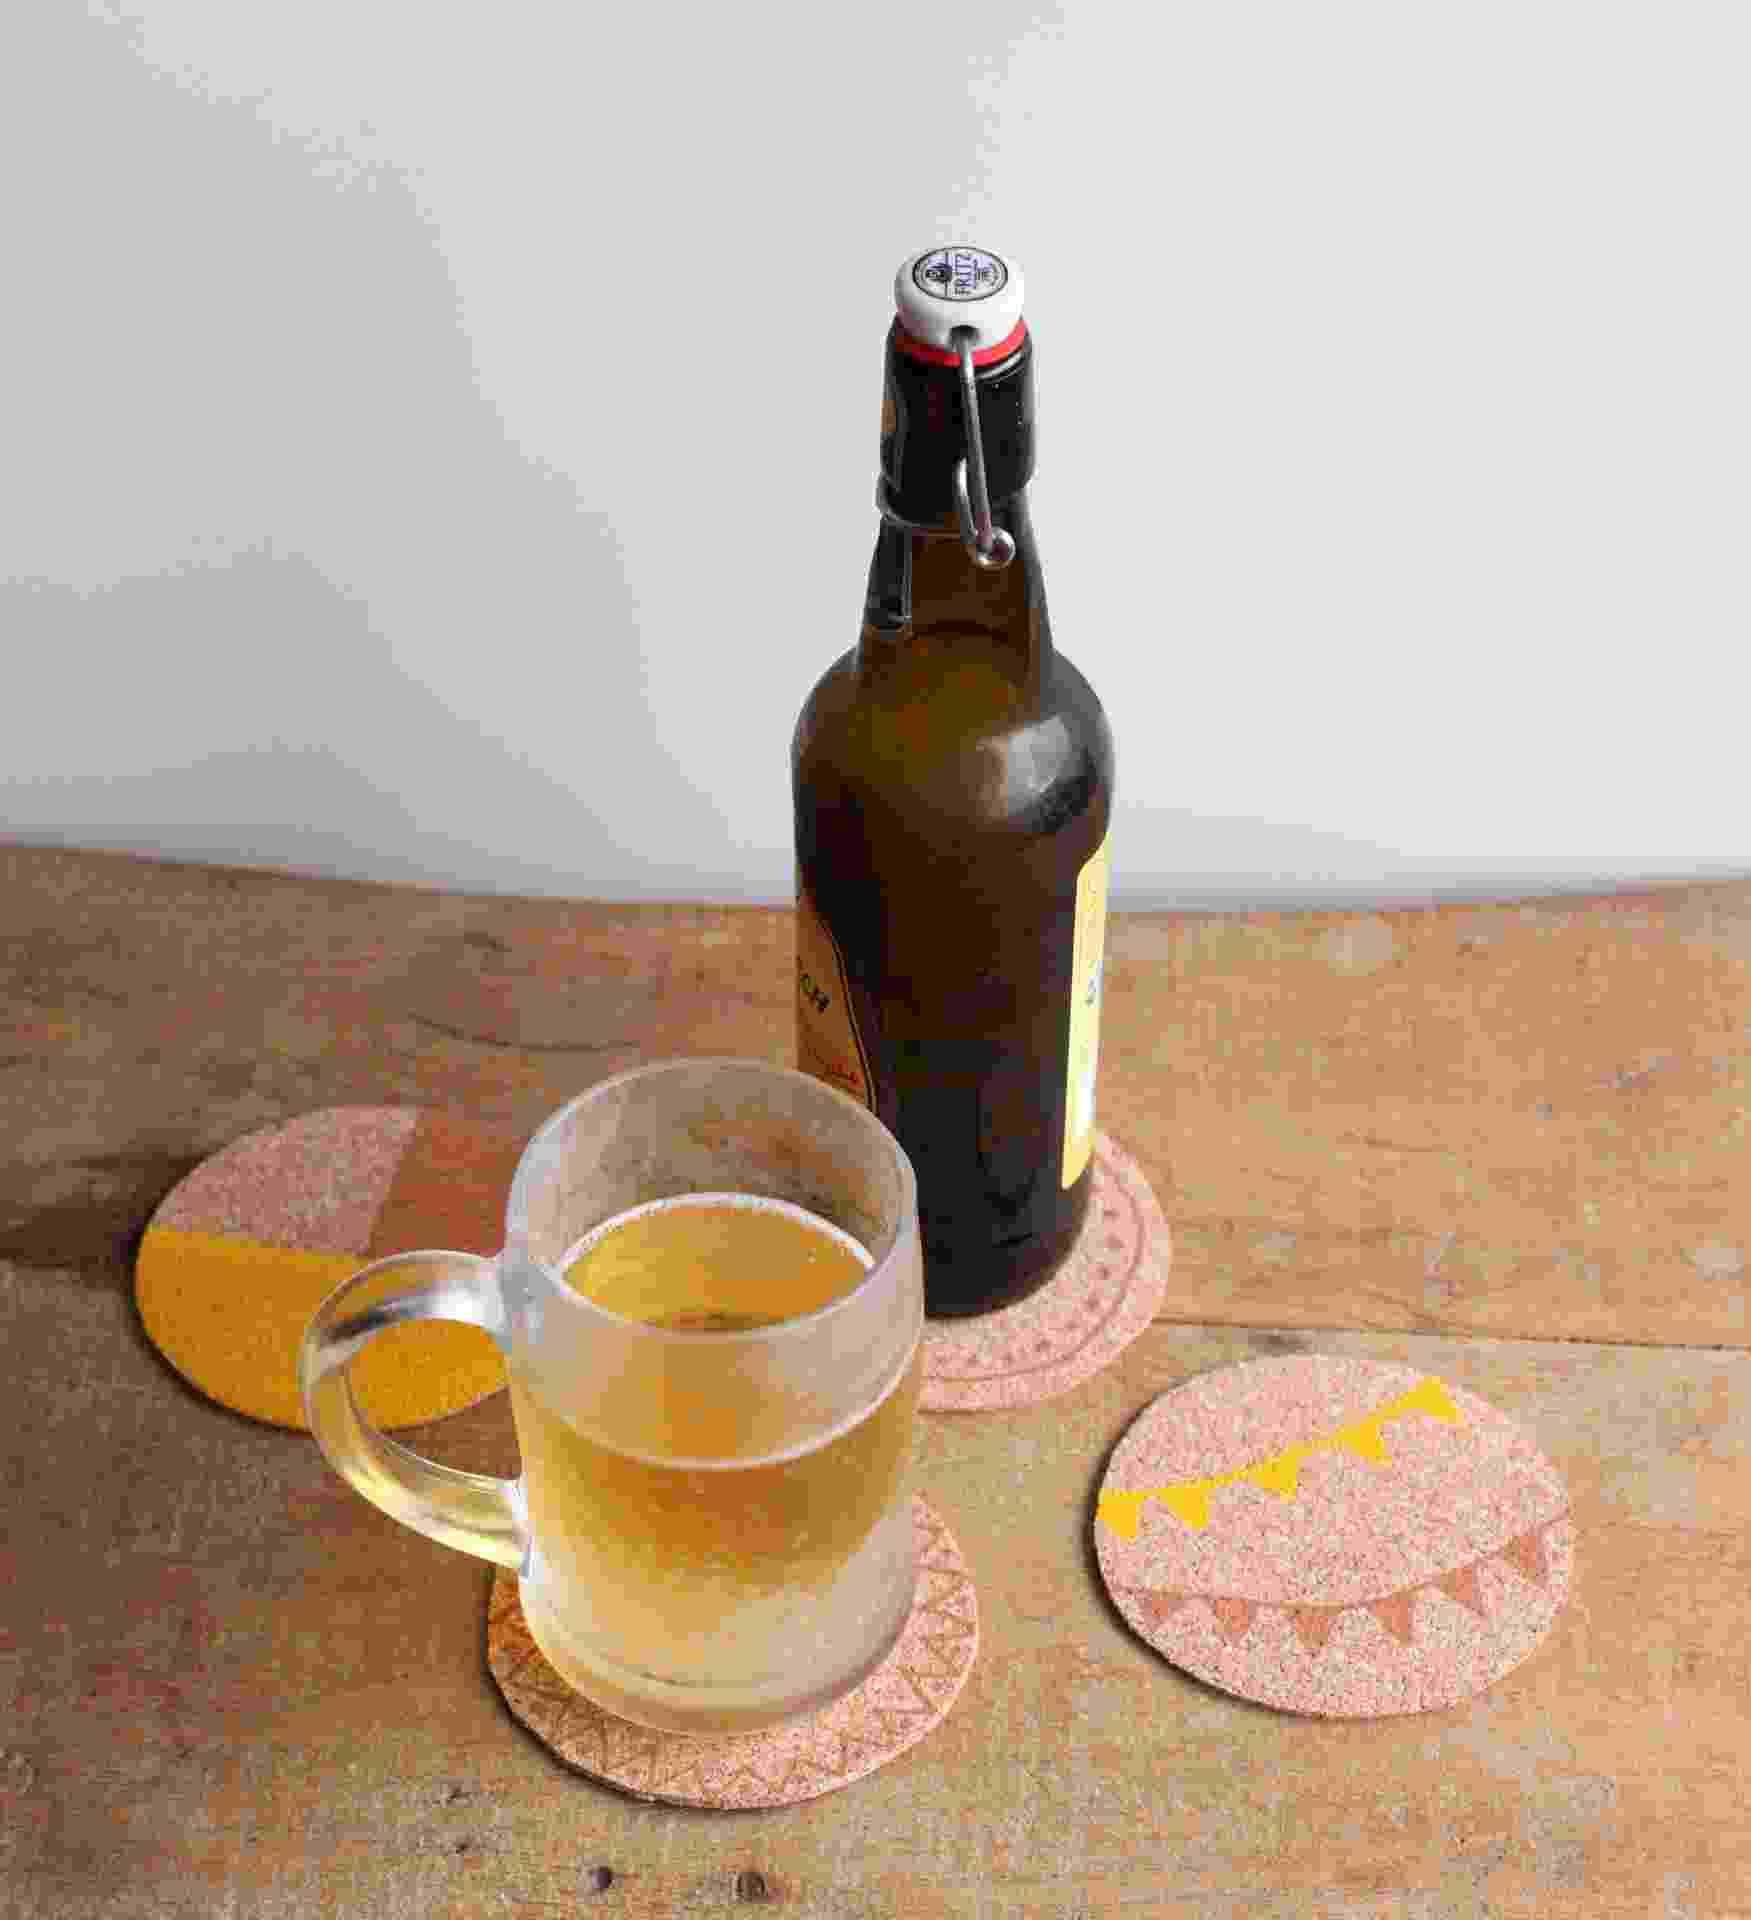 Porta-copo personalizado - Mirella Luiggi/Casa de Firulas